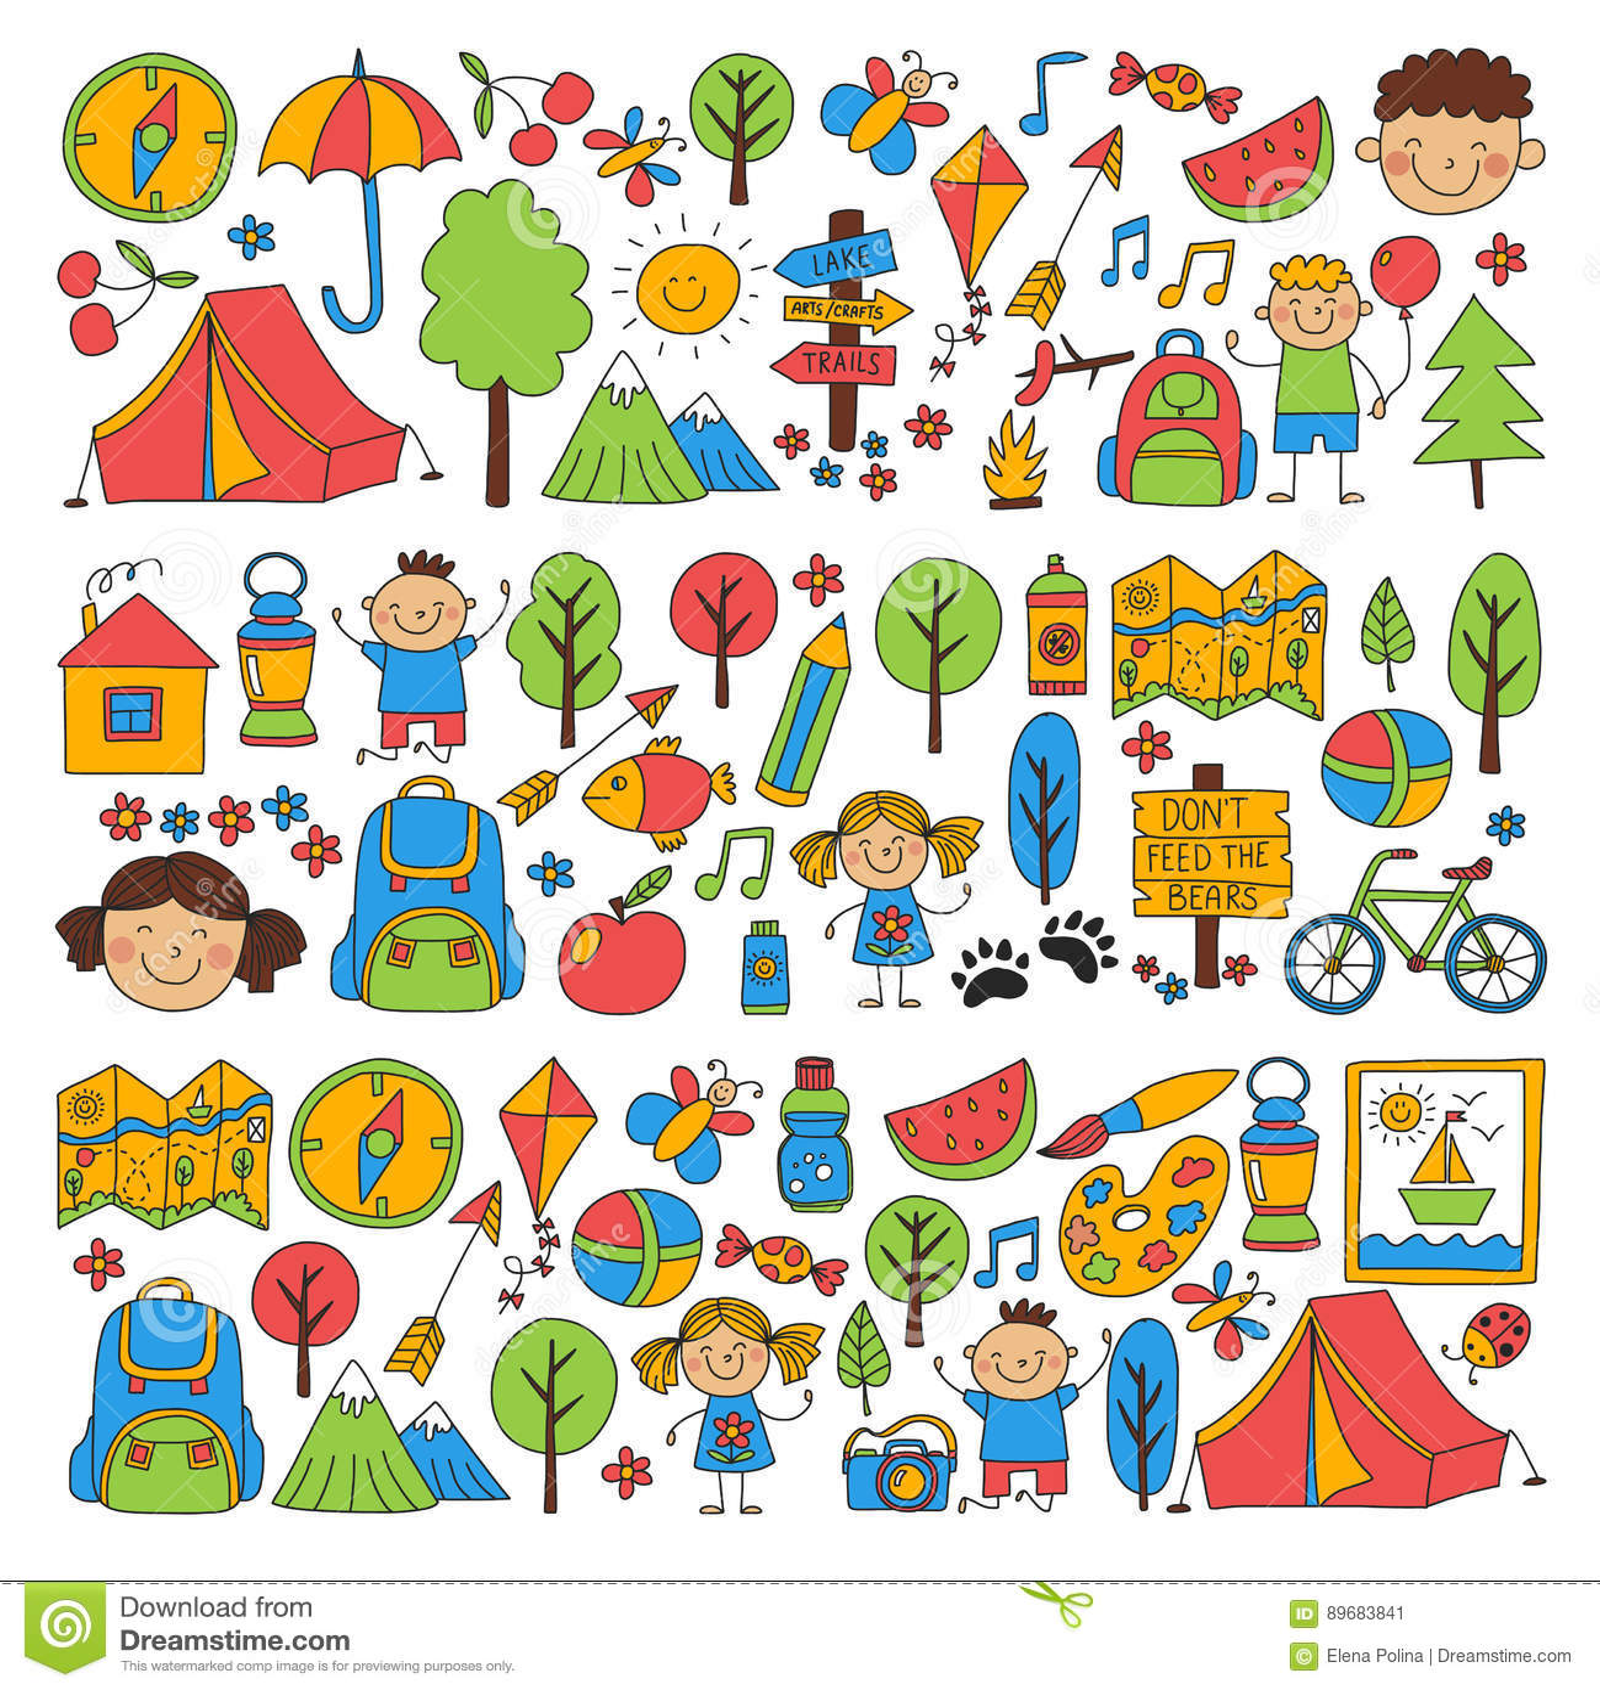 Summer camp Children, kids camping Children plays, hiking, singing, fishing, walking, drawing, having fun After school